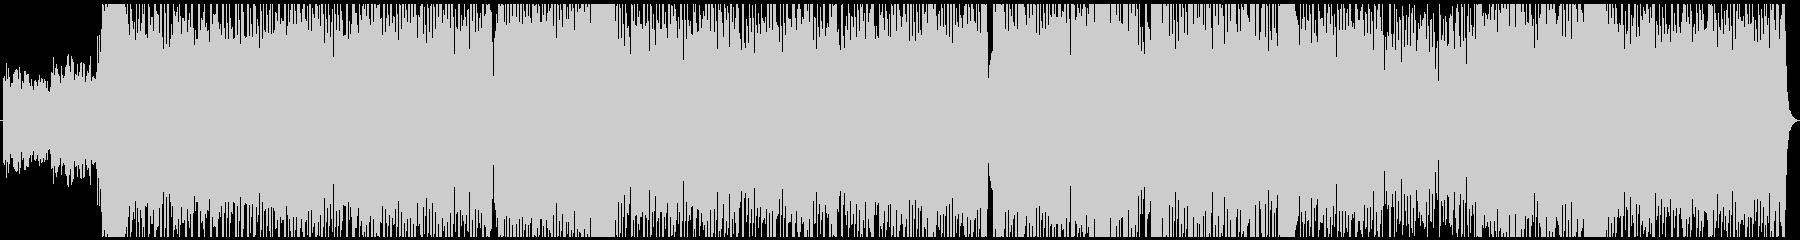 エレクトロでポップなBGM その2の未再生の波形